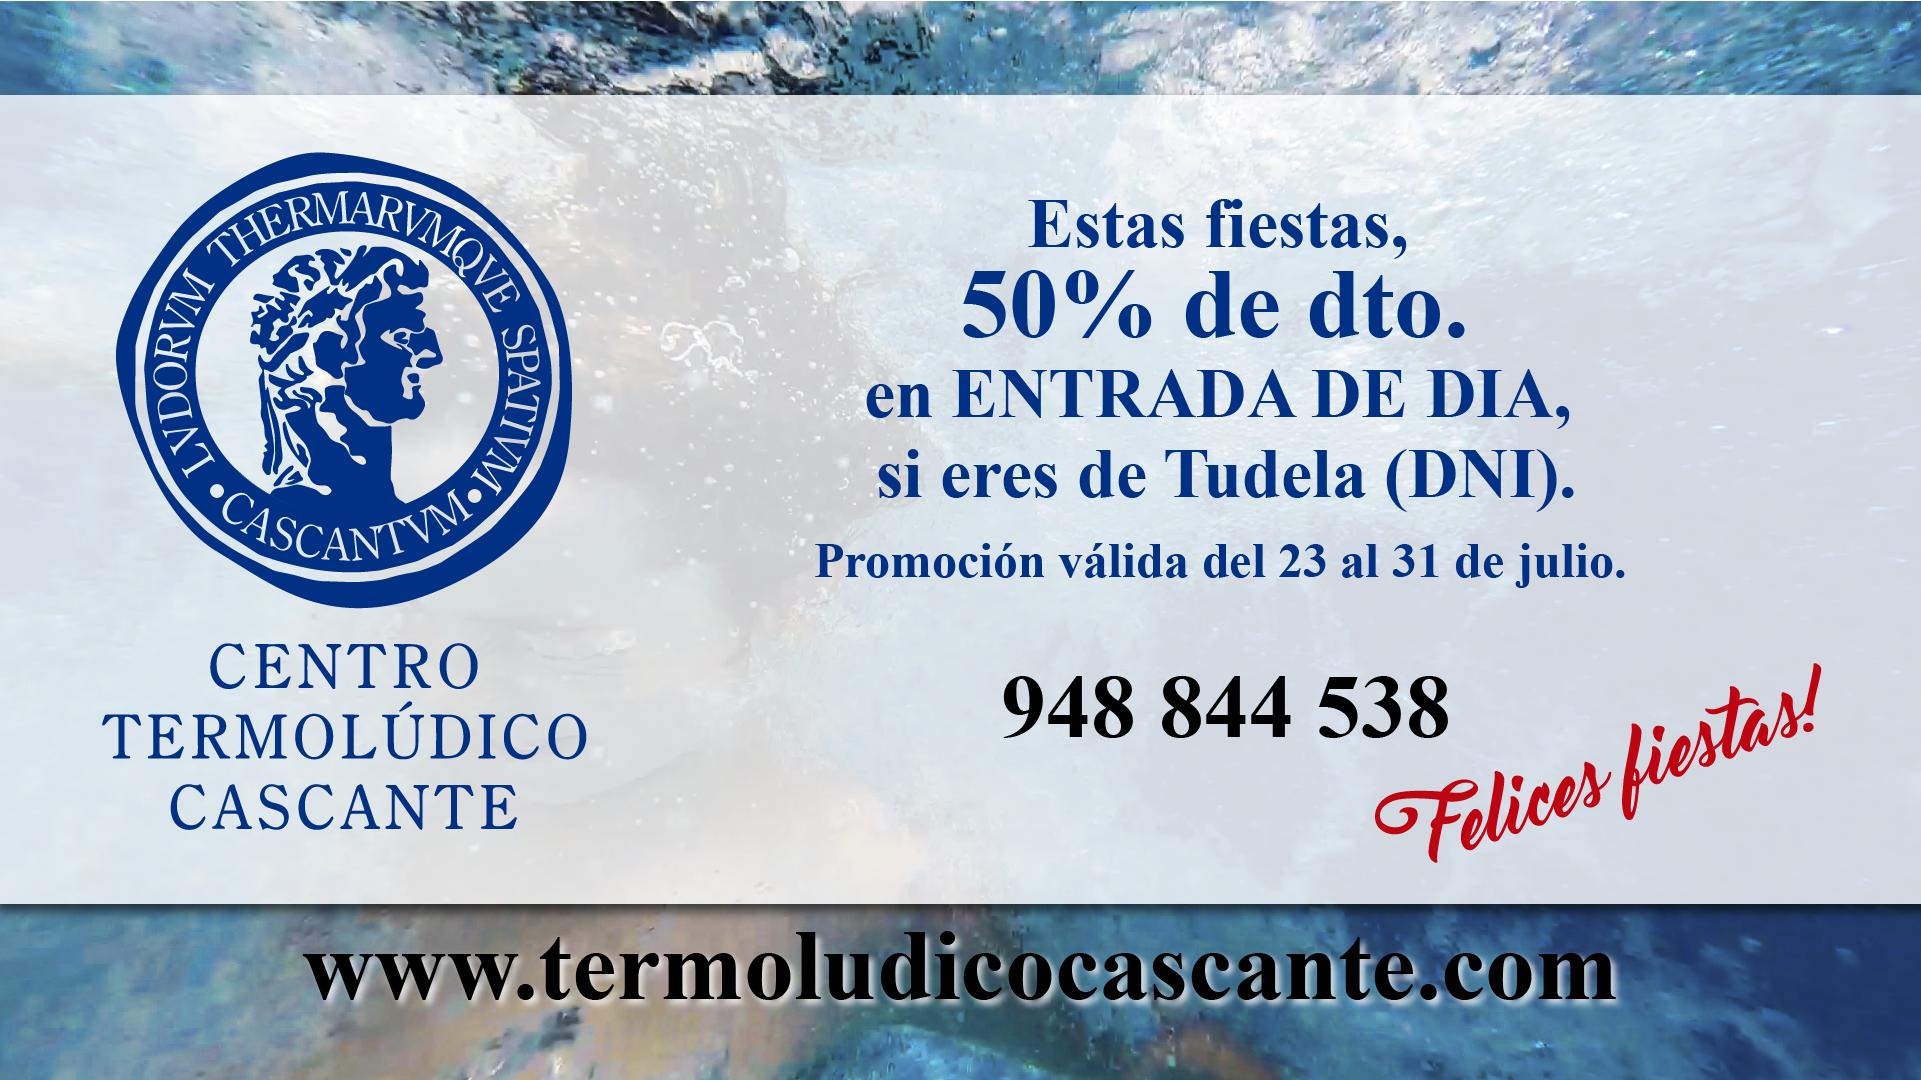 Termoludico Cascante_2_2016-02